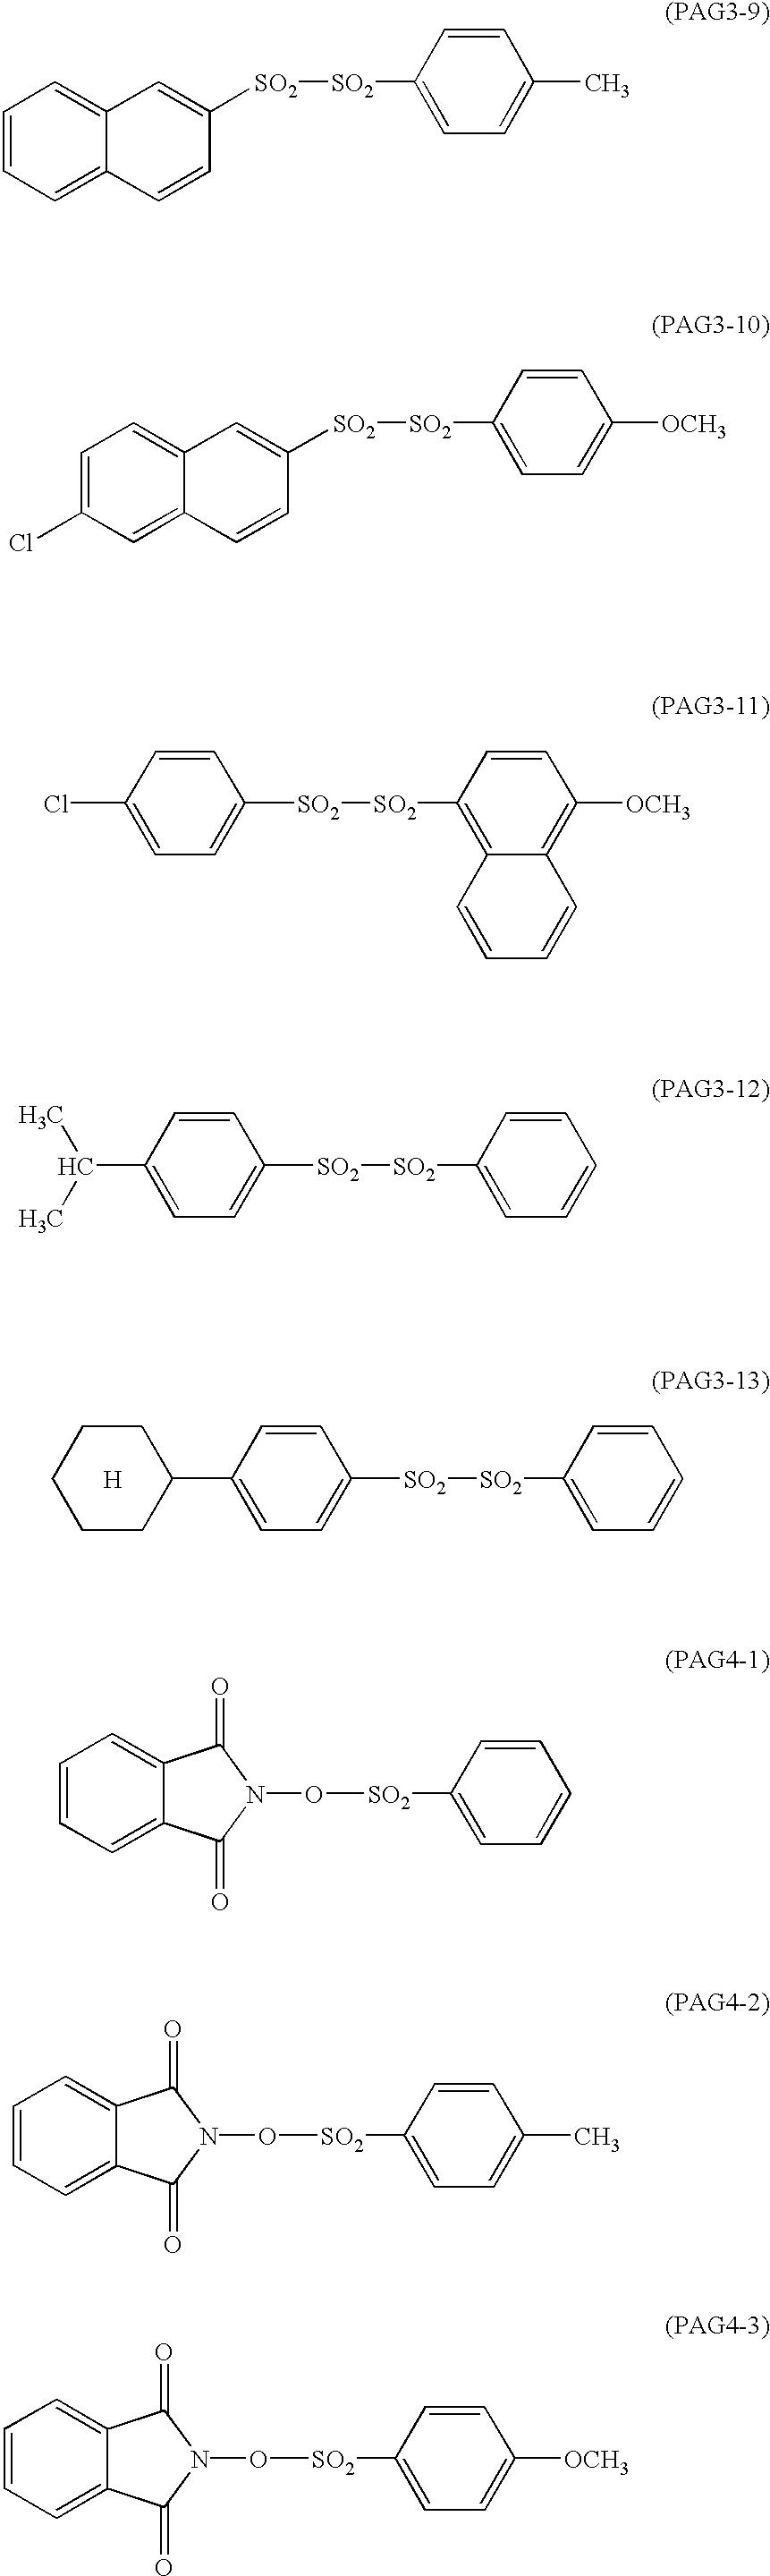 Figure US20030186161A1-20031002-C00013